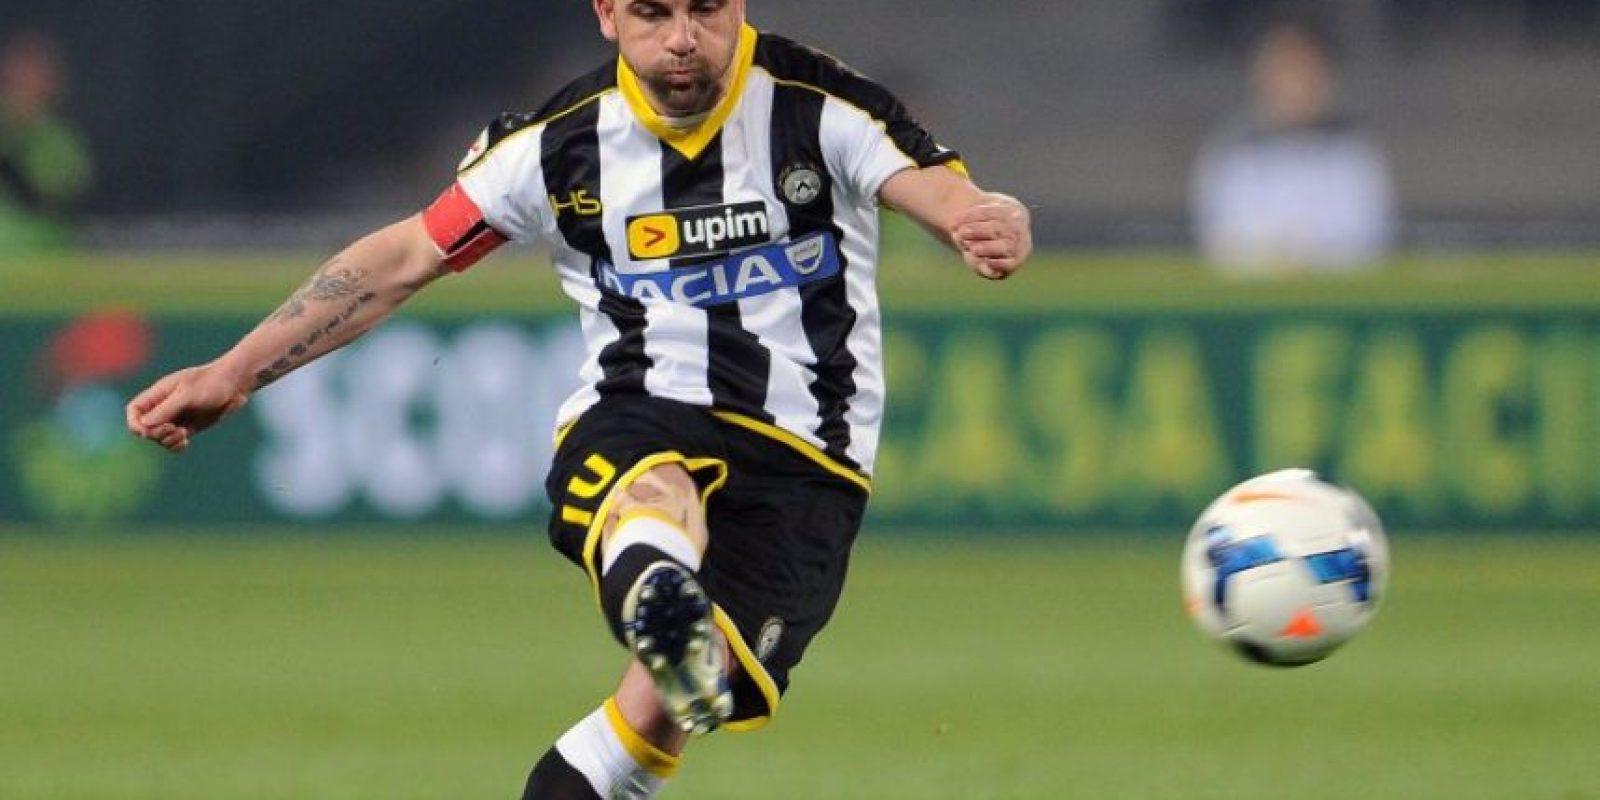 Antonio Di Natale, el goleador histórico del Udinese de Italia (191 tantos en 385 partidos), a sus 38 años espera una última oportunidad antes de dejar el fútbol. Foto:AFP